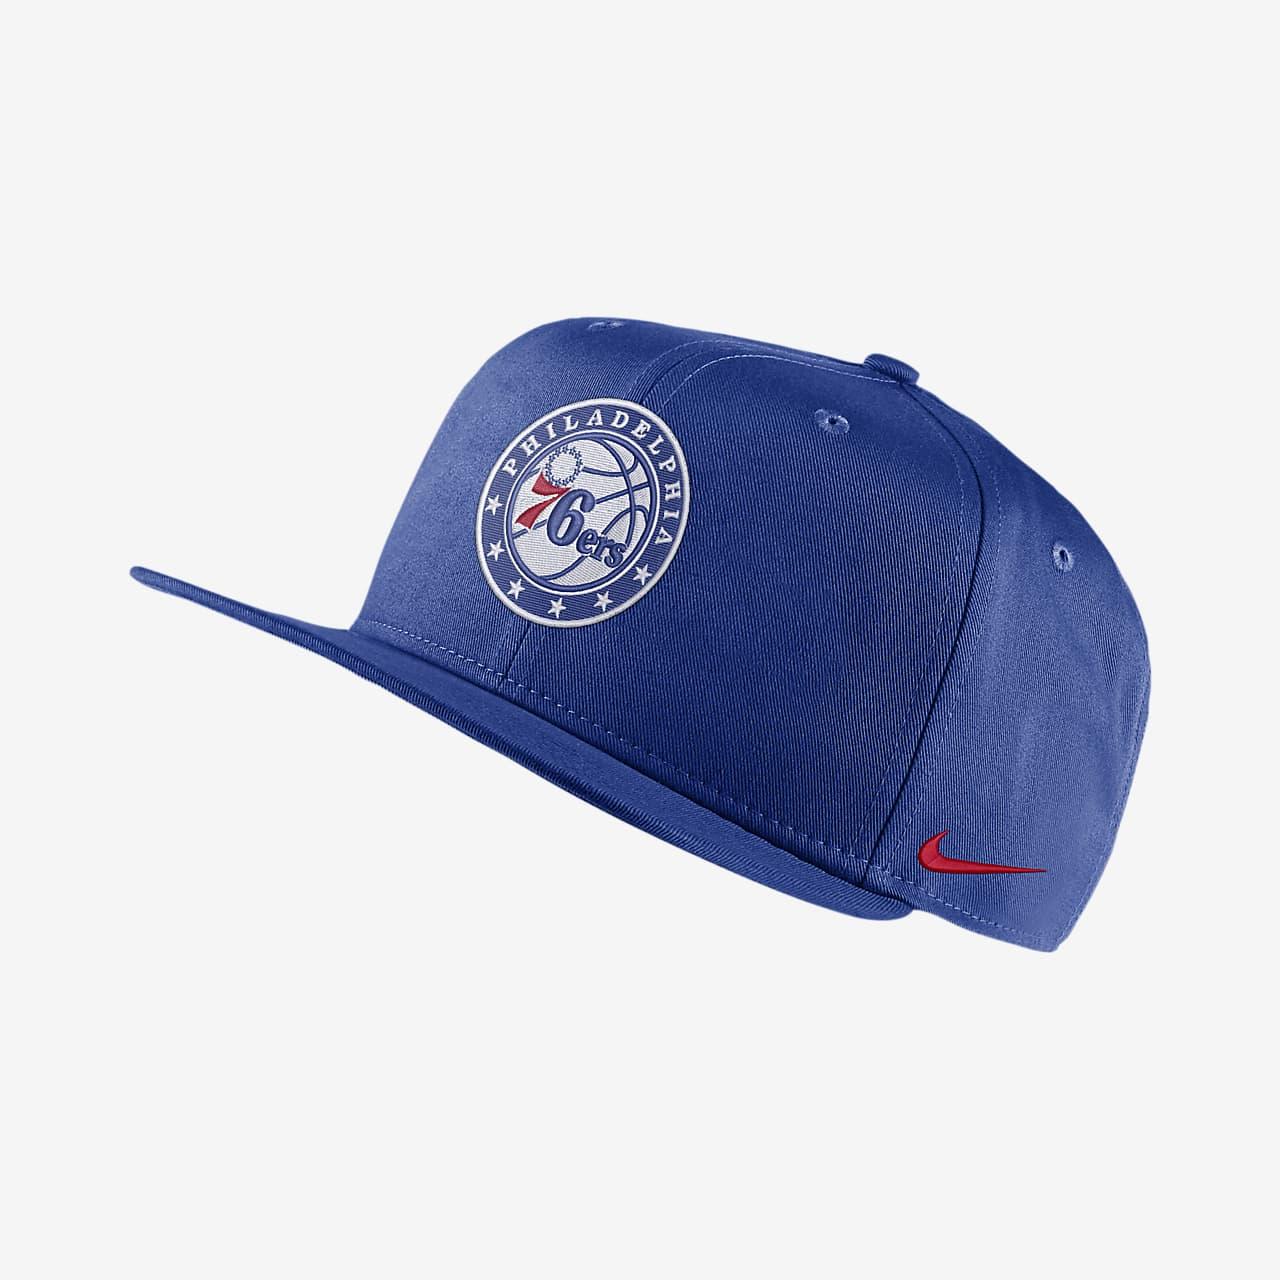 Philadelphia 76ers Nike Pro NBA Cap